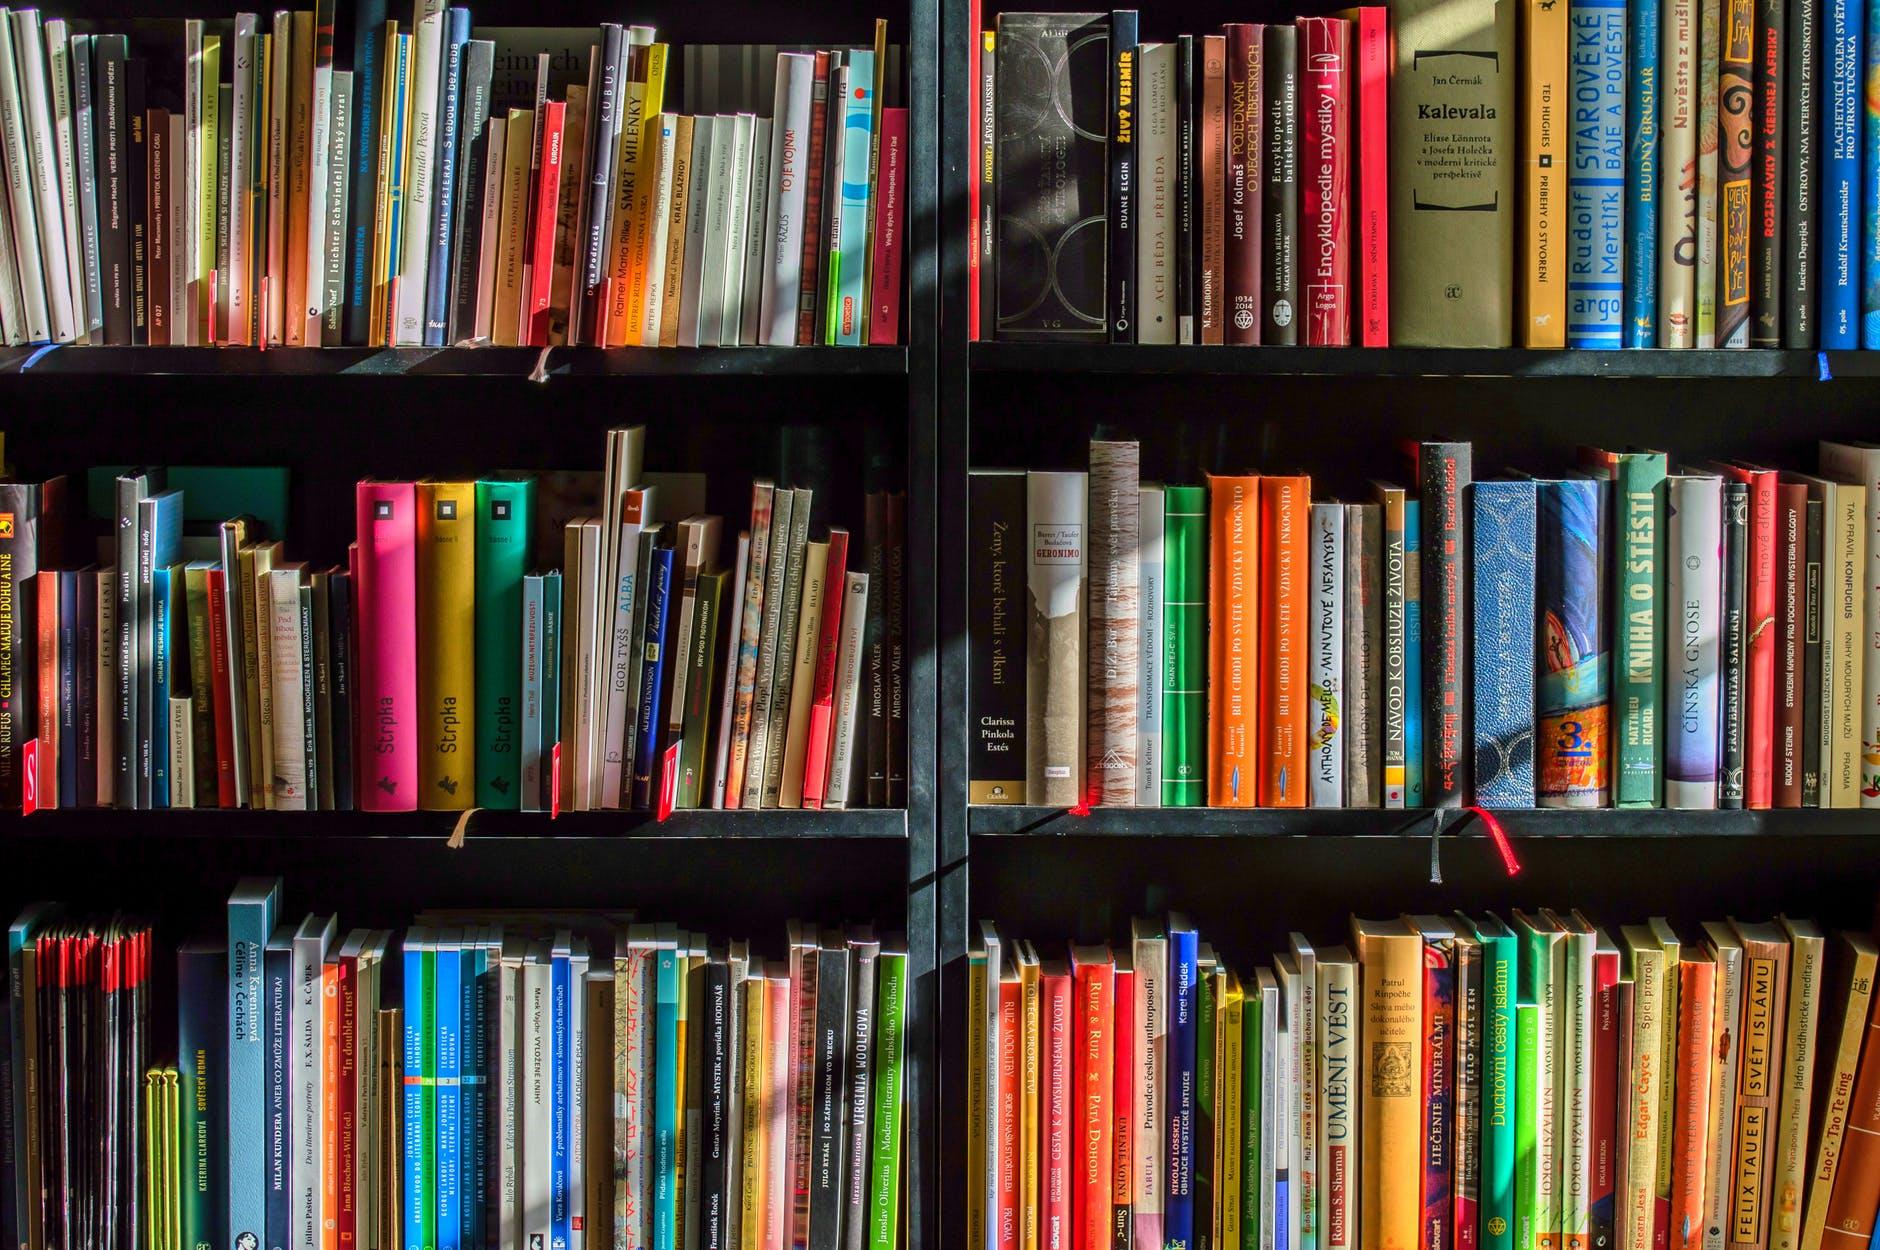 A pic of a bookshelf